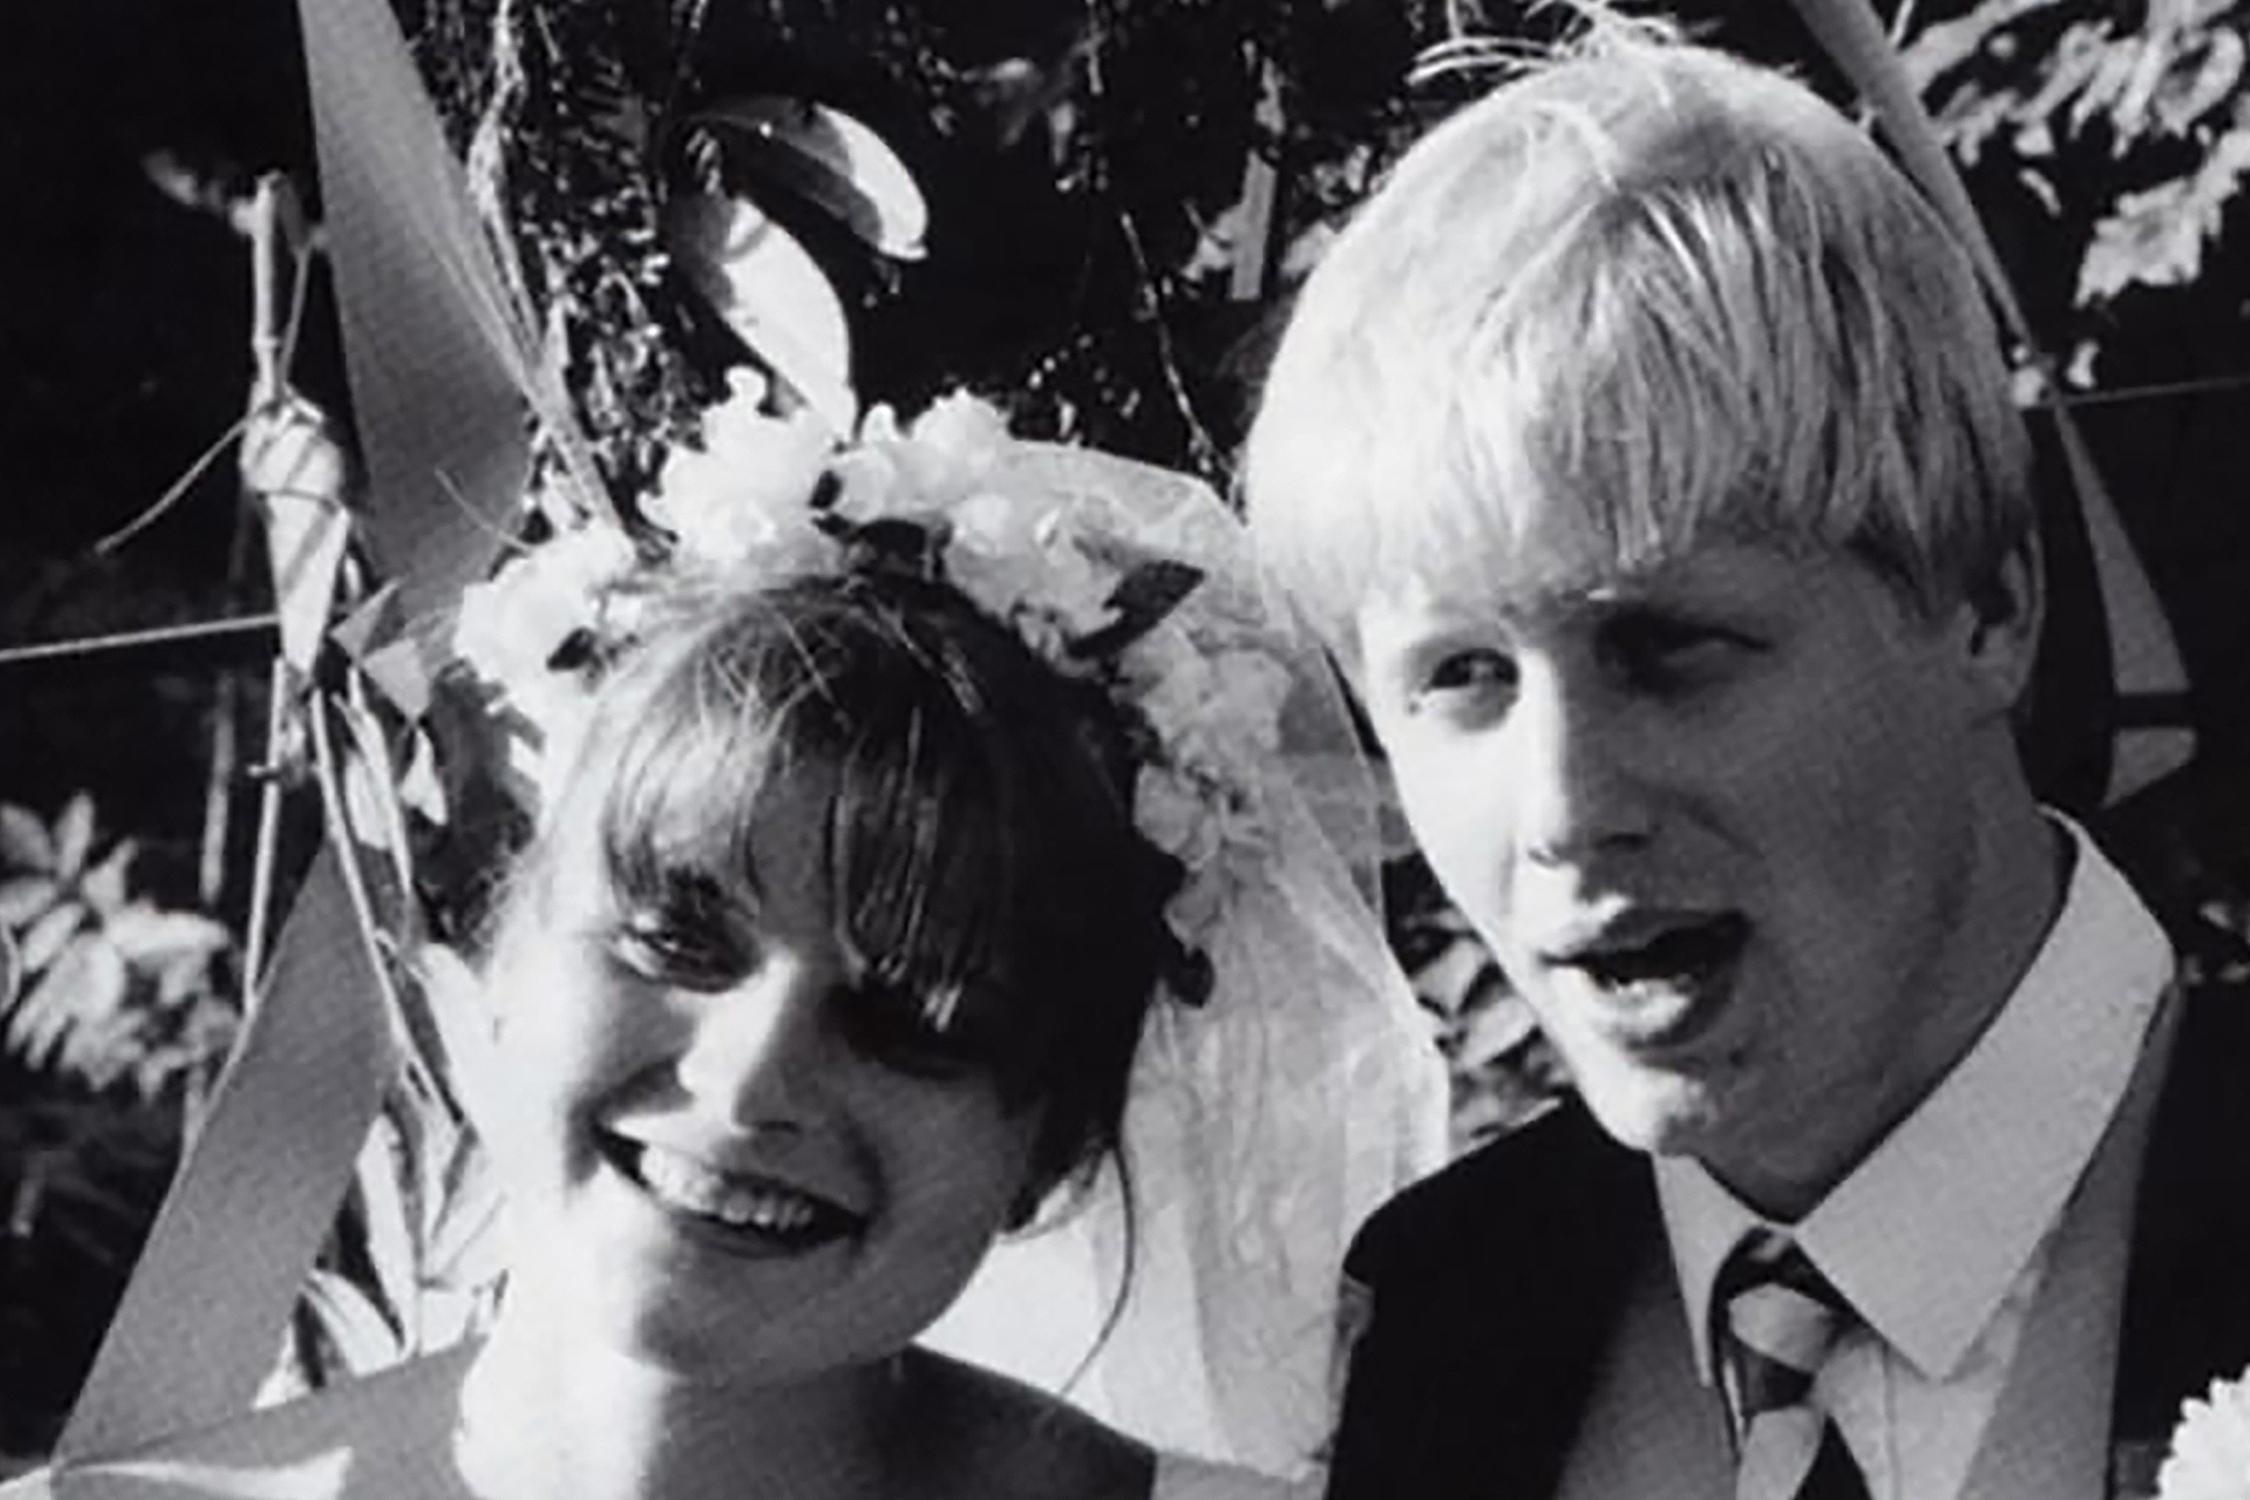 Cuộc hôn nhân ít biết của Thủ tướng Anh: Thiếu cả quần và giày khi đến đám cưới chính mình và sự cao thượng khó tin của người vợ danh giá trước chuyện ly hôn - Ảnh 2.